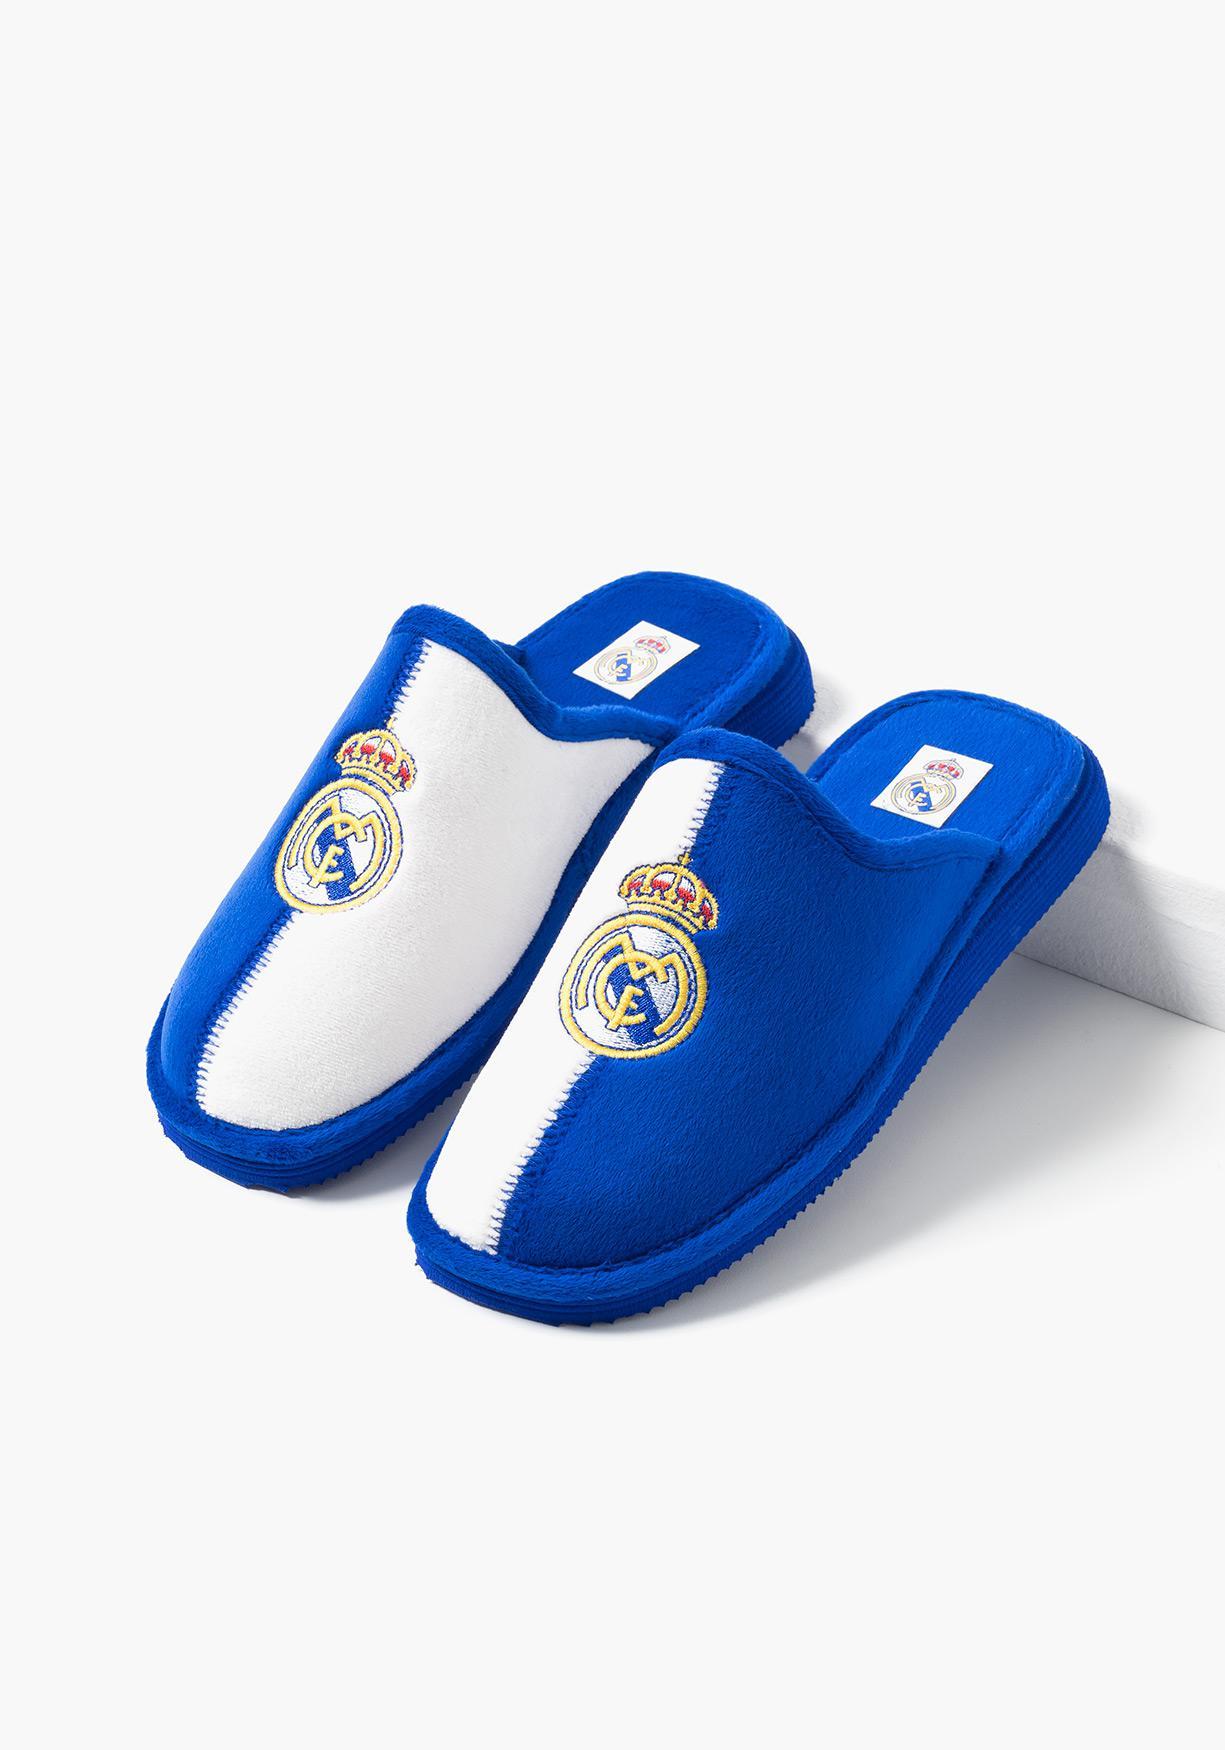 3c12a656 Comprar Zapatillas de estar por casa con escudo bordado (Tallas 31 a ...